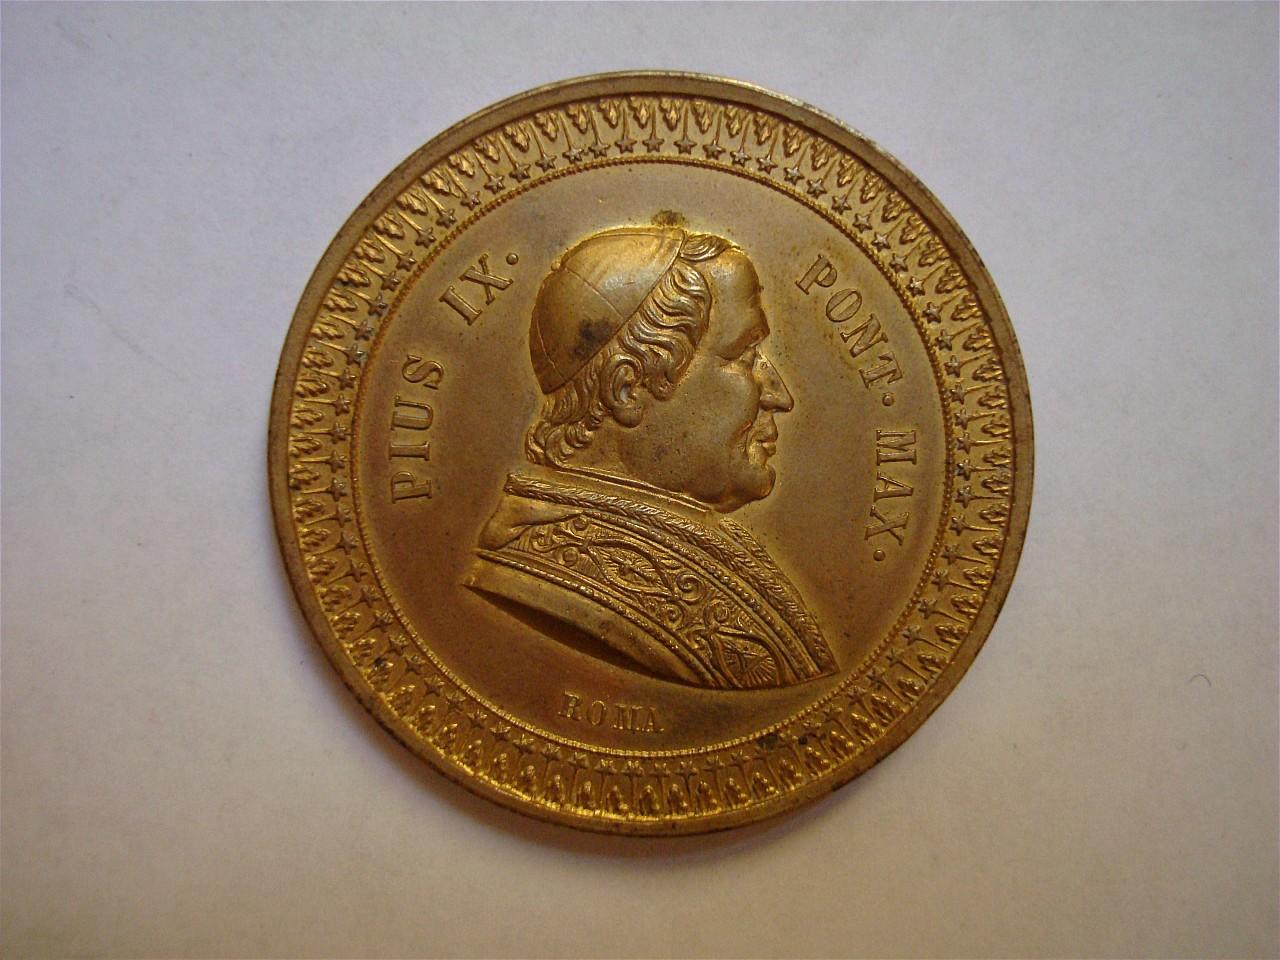 ritratto di Pio IX, Immacolata Concezione (medaglia) - bottega romana (sec. XIX)